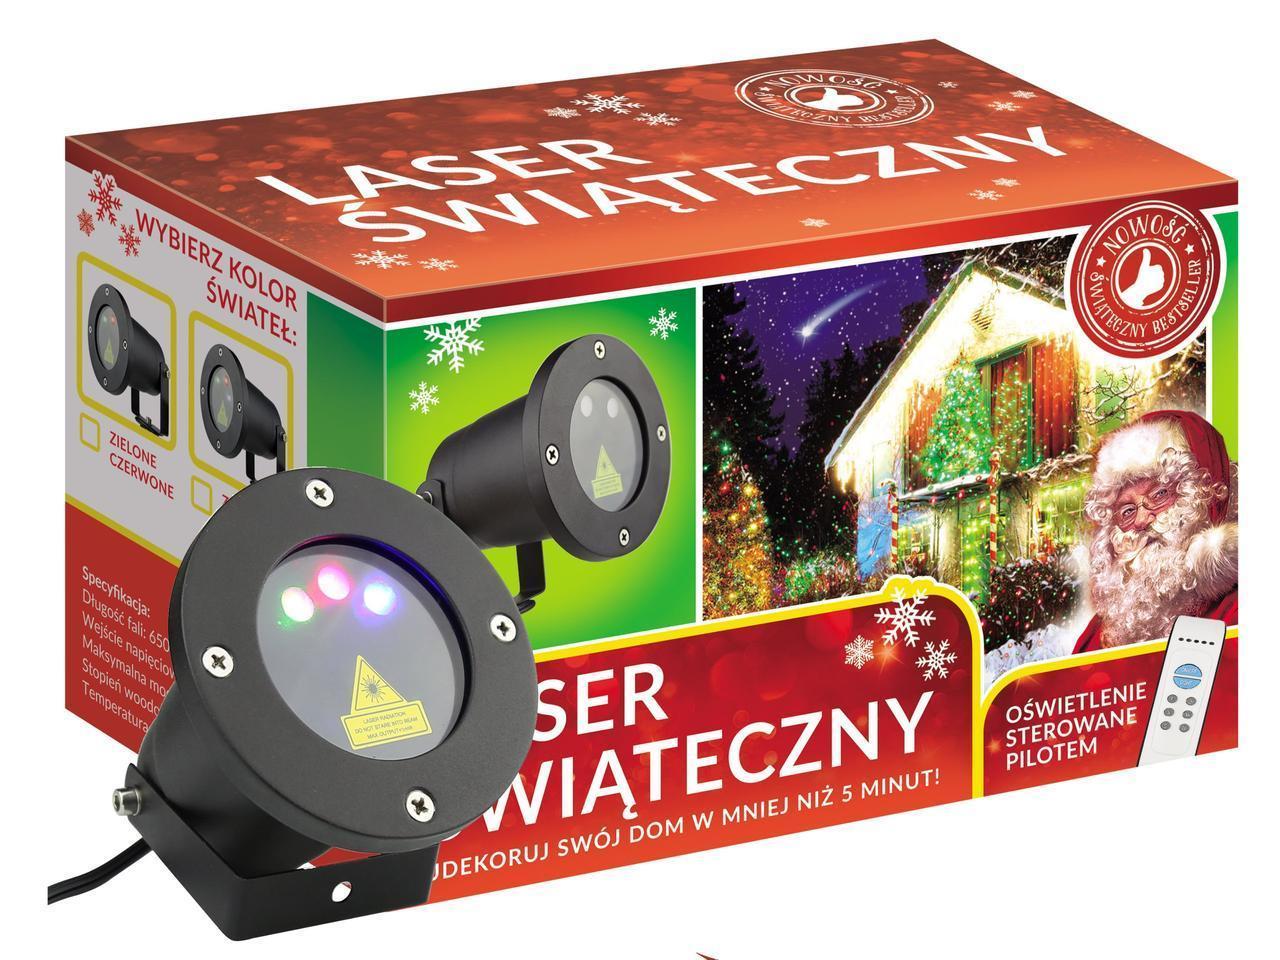 Лазерный проектор STAR SHOWER три цвета СУПЕР